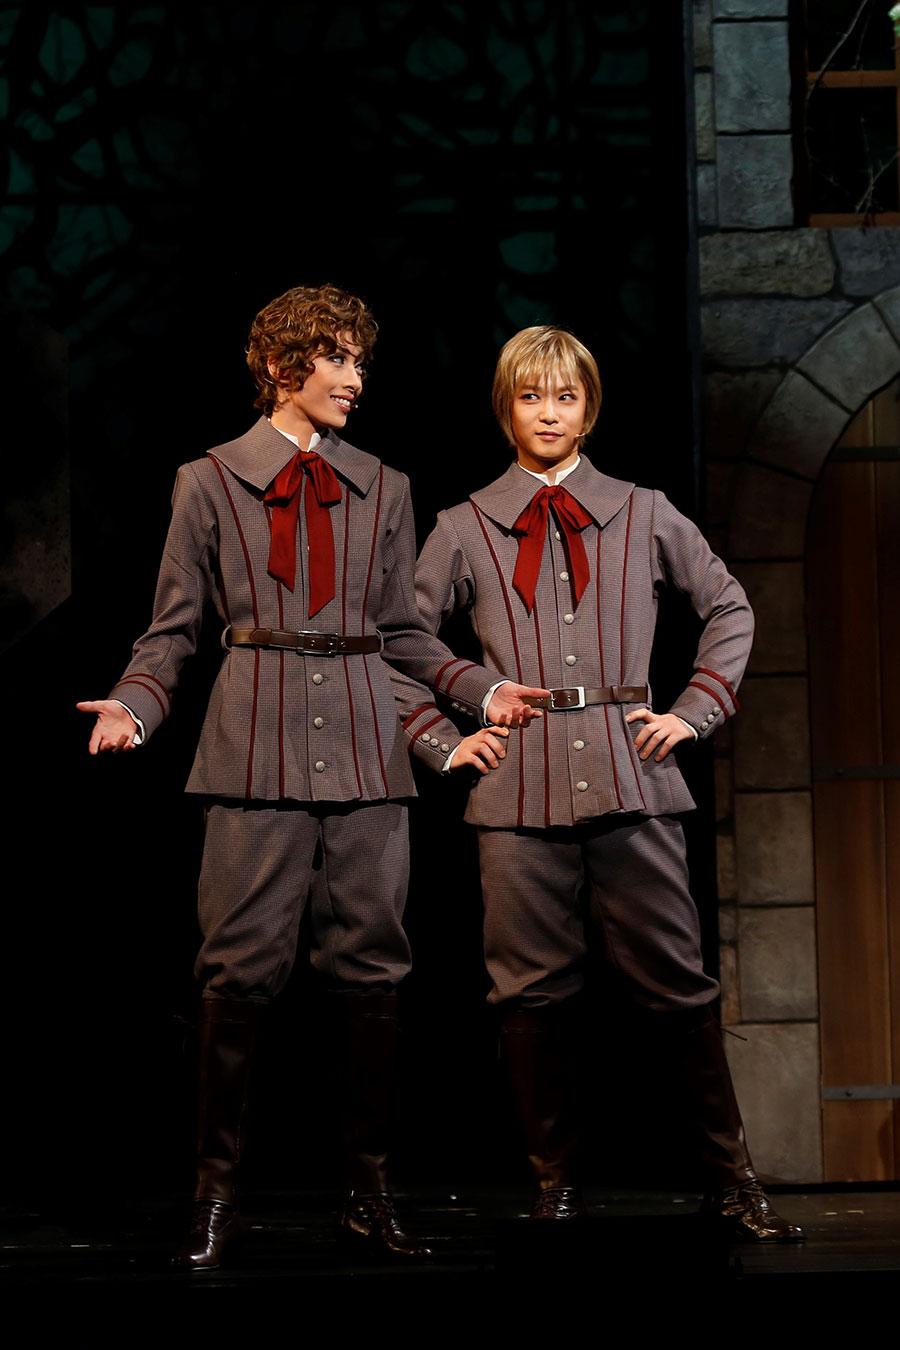 原作漫画そのものの制服衣装を着こなす、エドガー役の明日海(左)とアラン役の千葉。撮影:岸隆子(Studio Elenish)